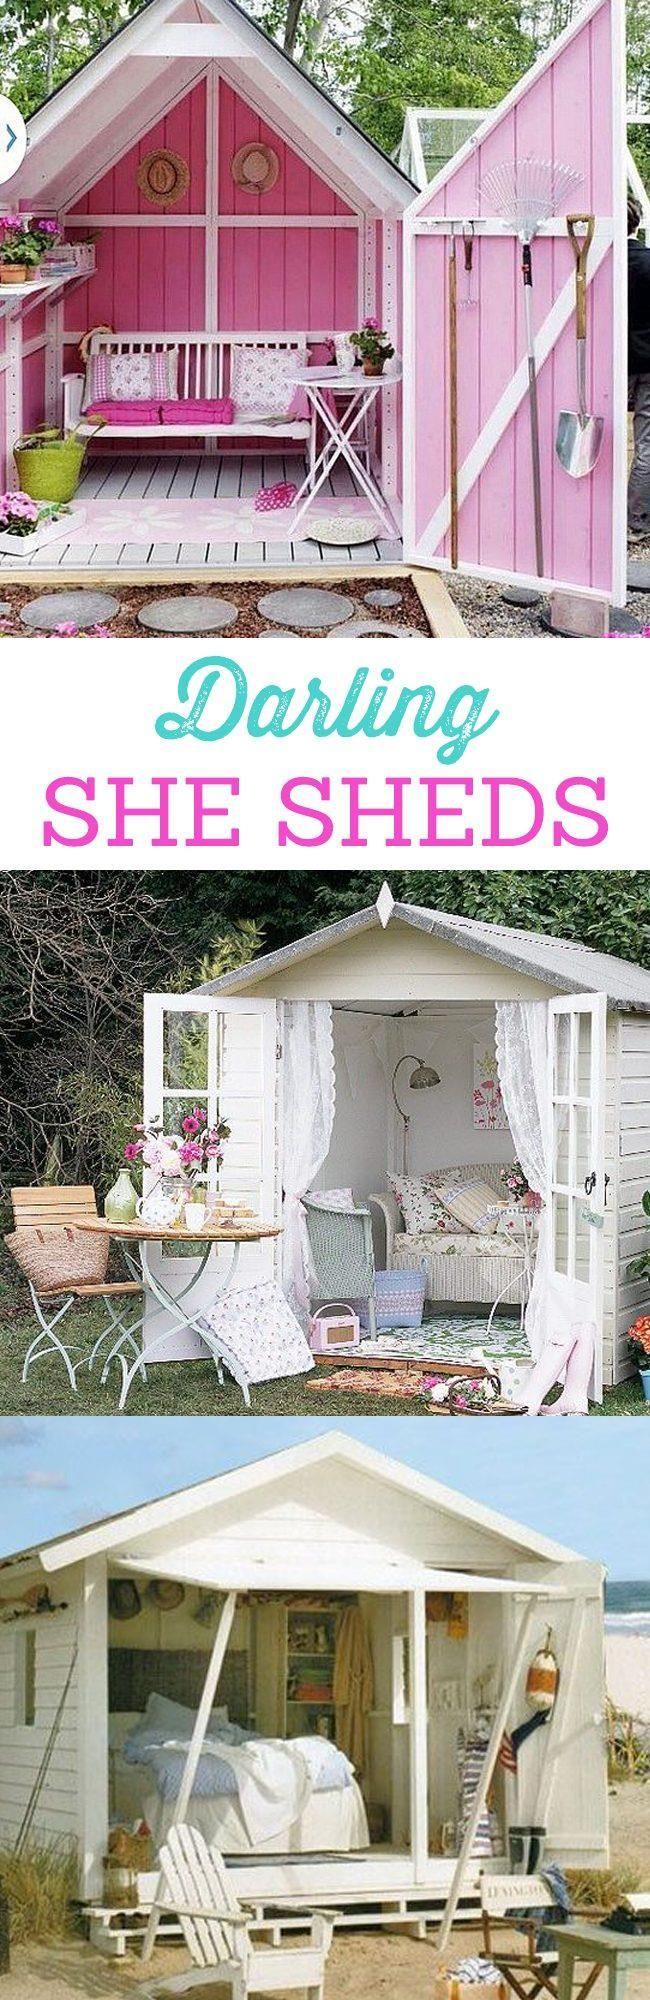 403 best MY SHE SHED images on Pinterest | She sheds, Garden sheds ...